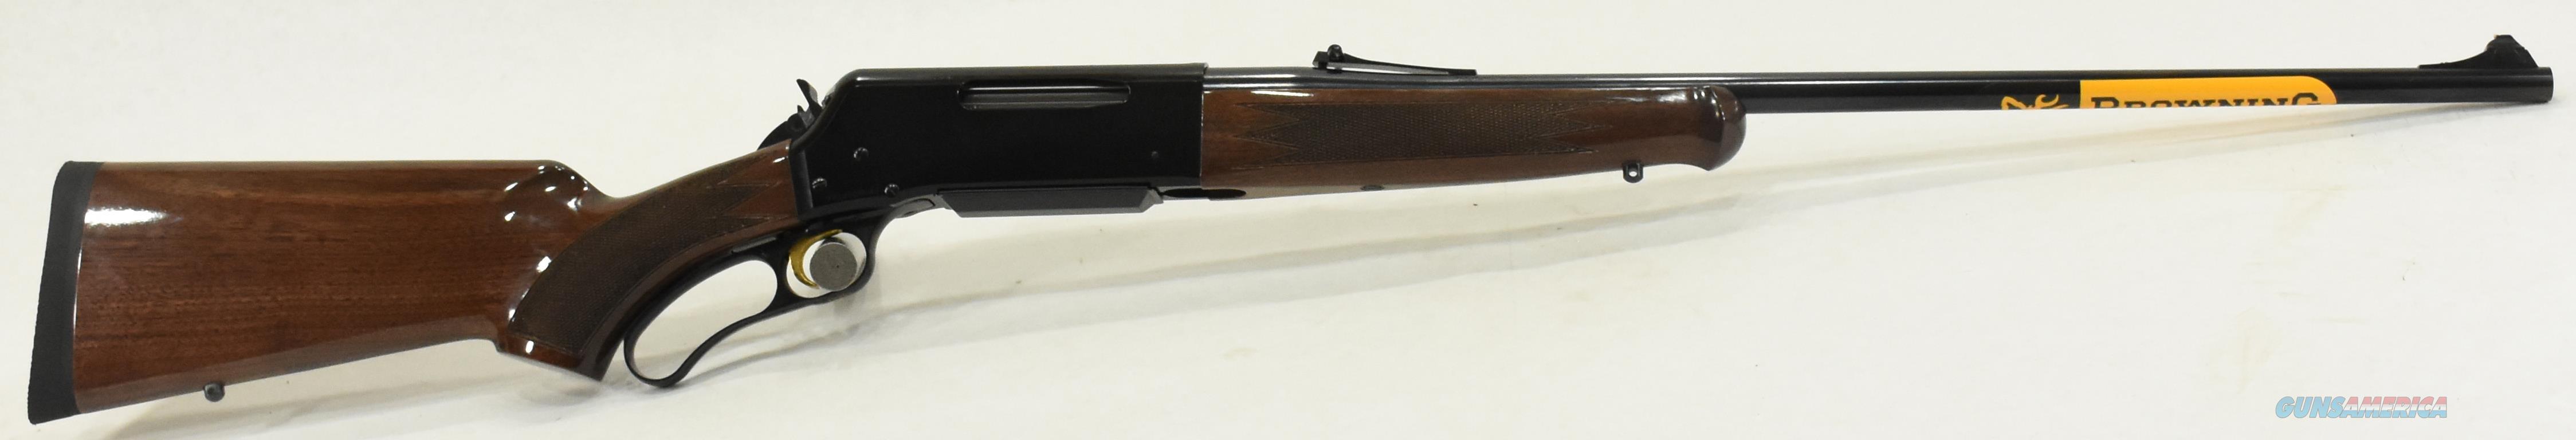 BLR LTWT Walnut PG 300Win 24In  034009129  Guns > Rifles > Browning Rifles > Semi Auto > Hunting